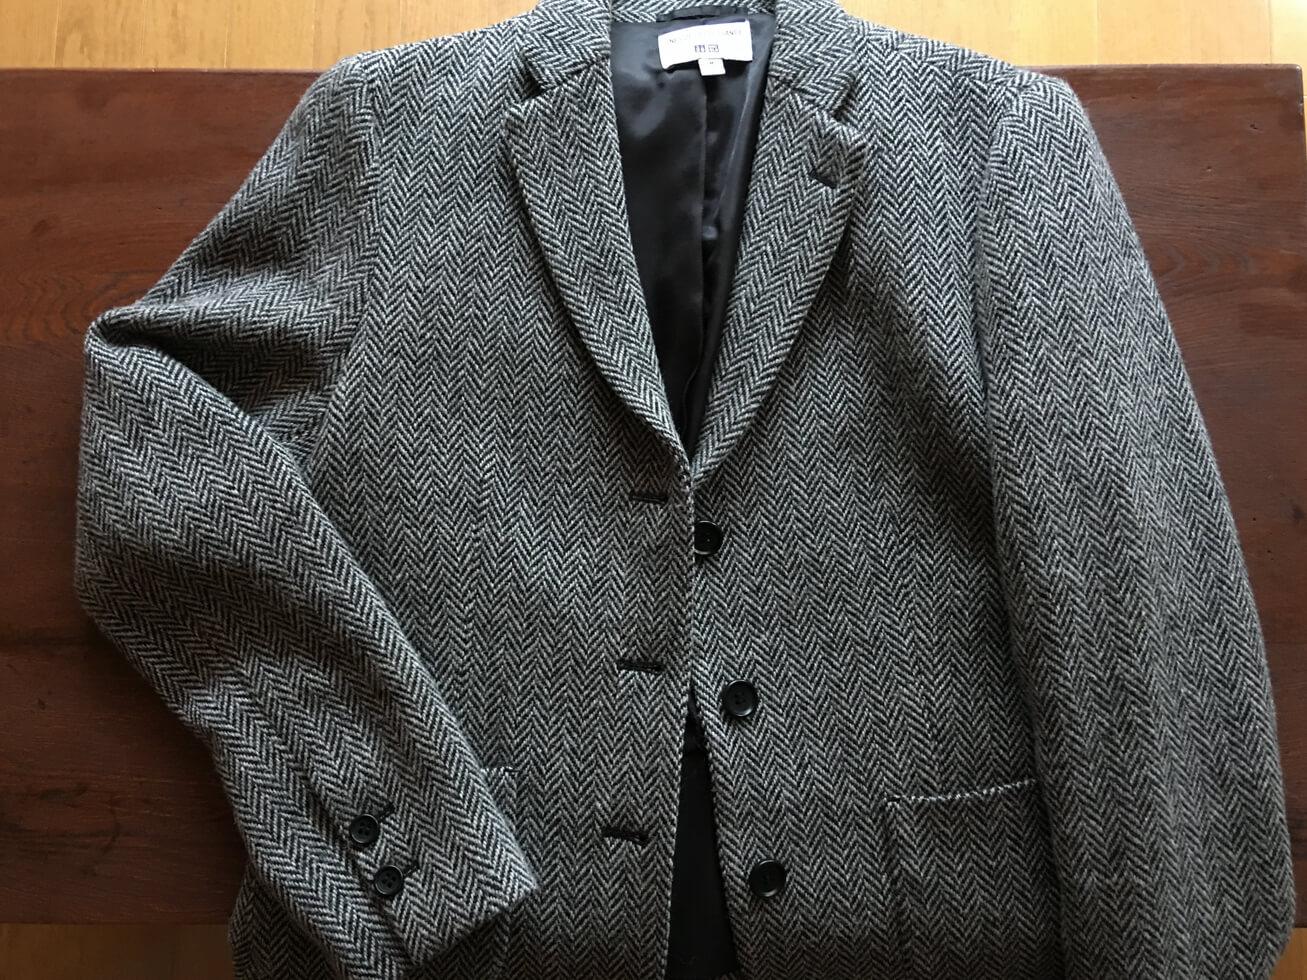 ユニクロのグレンチェックのジャケットの写真